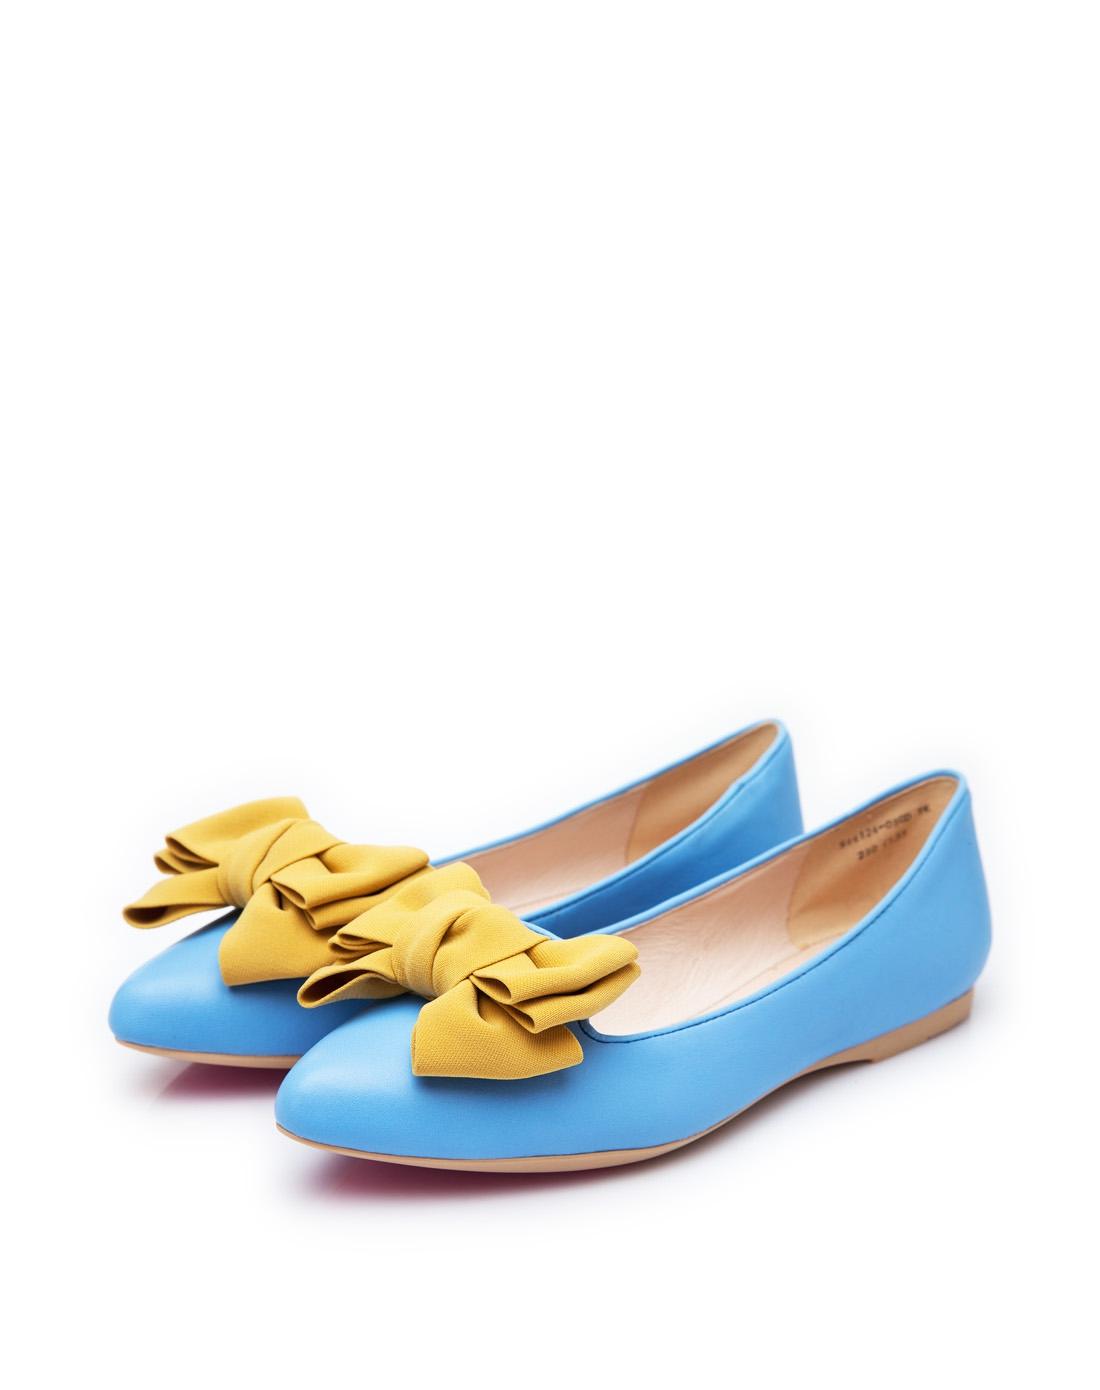 kitty14年新款浅蓝色羊皮平跟浅口单鞋s44124